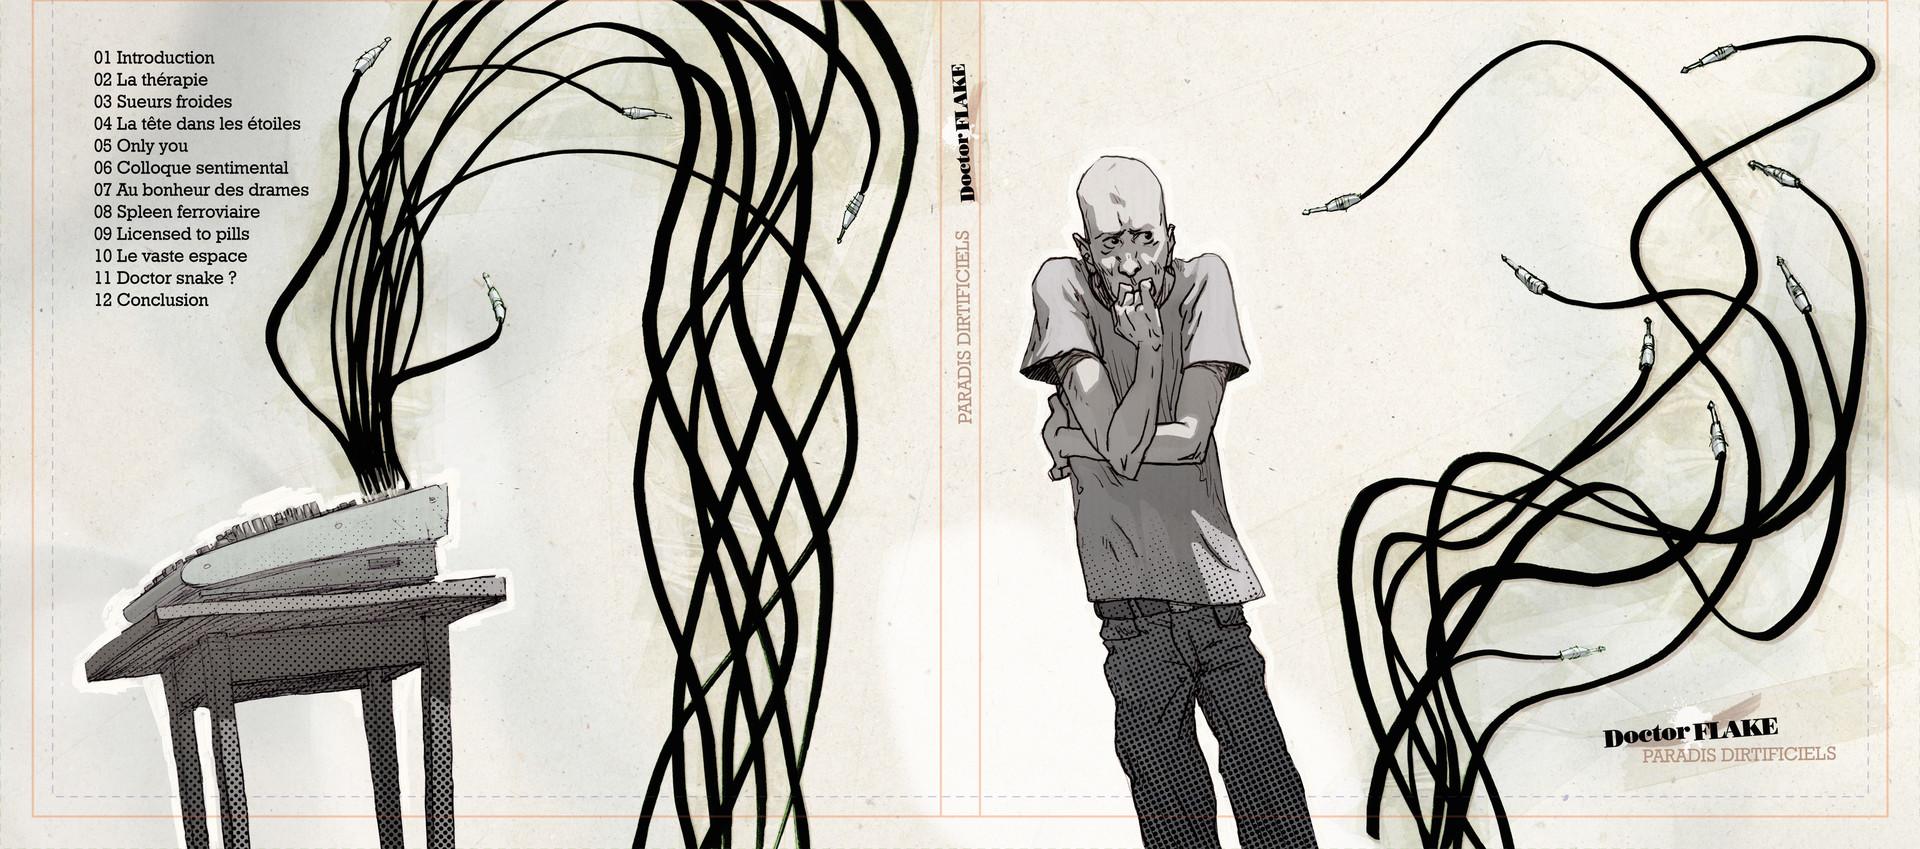 Yannick corboz df couv 06